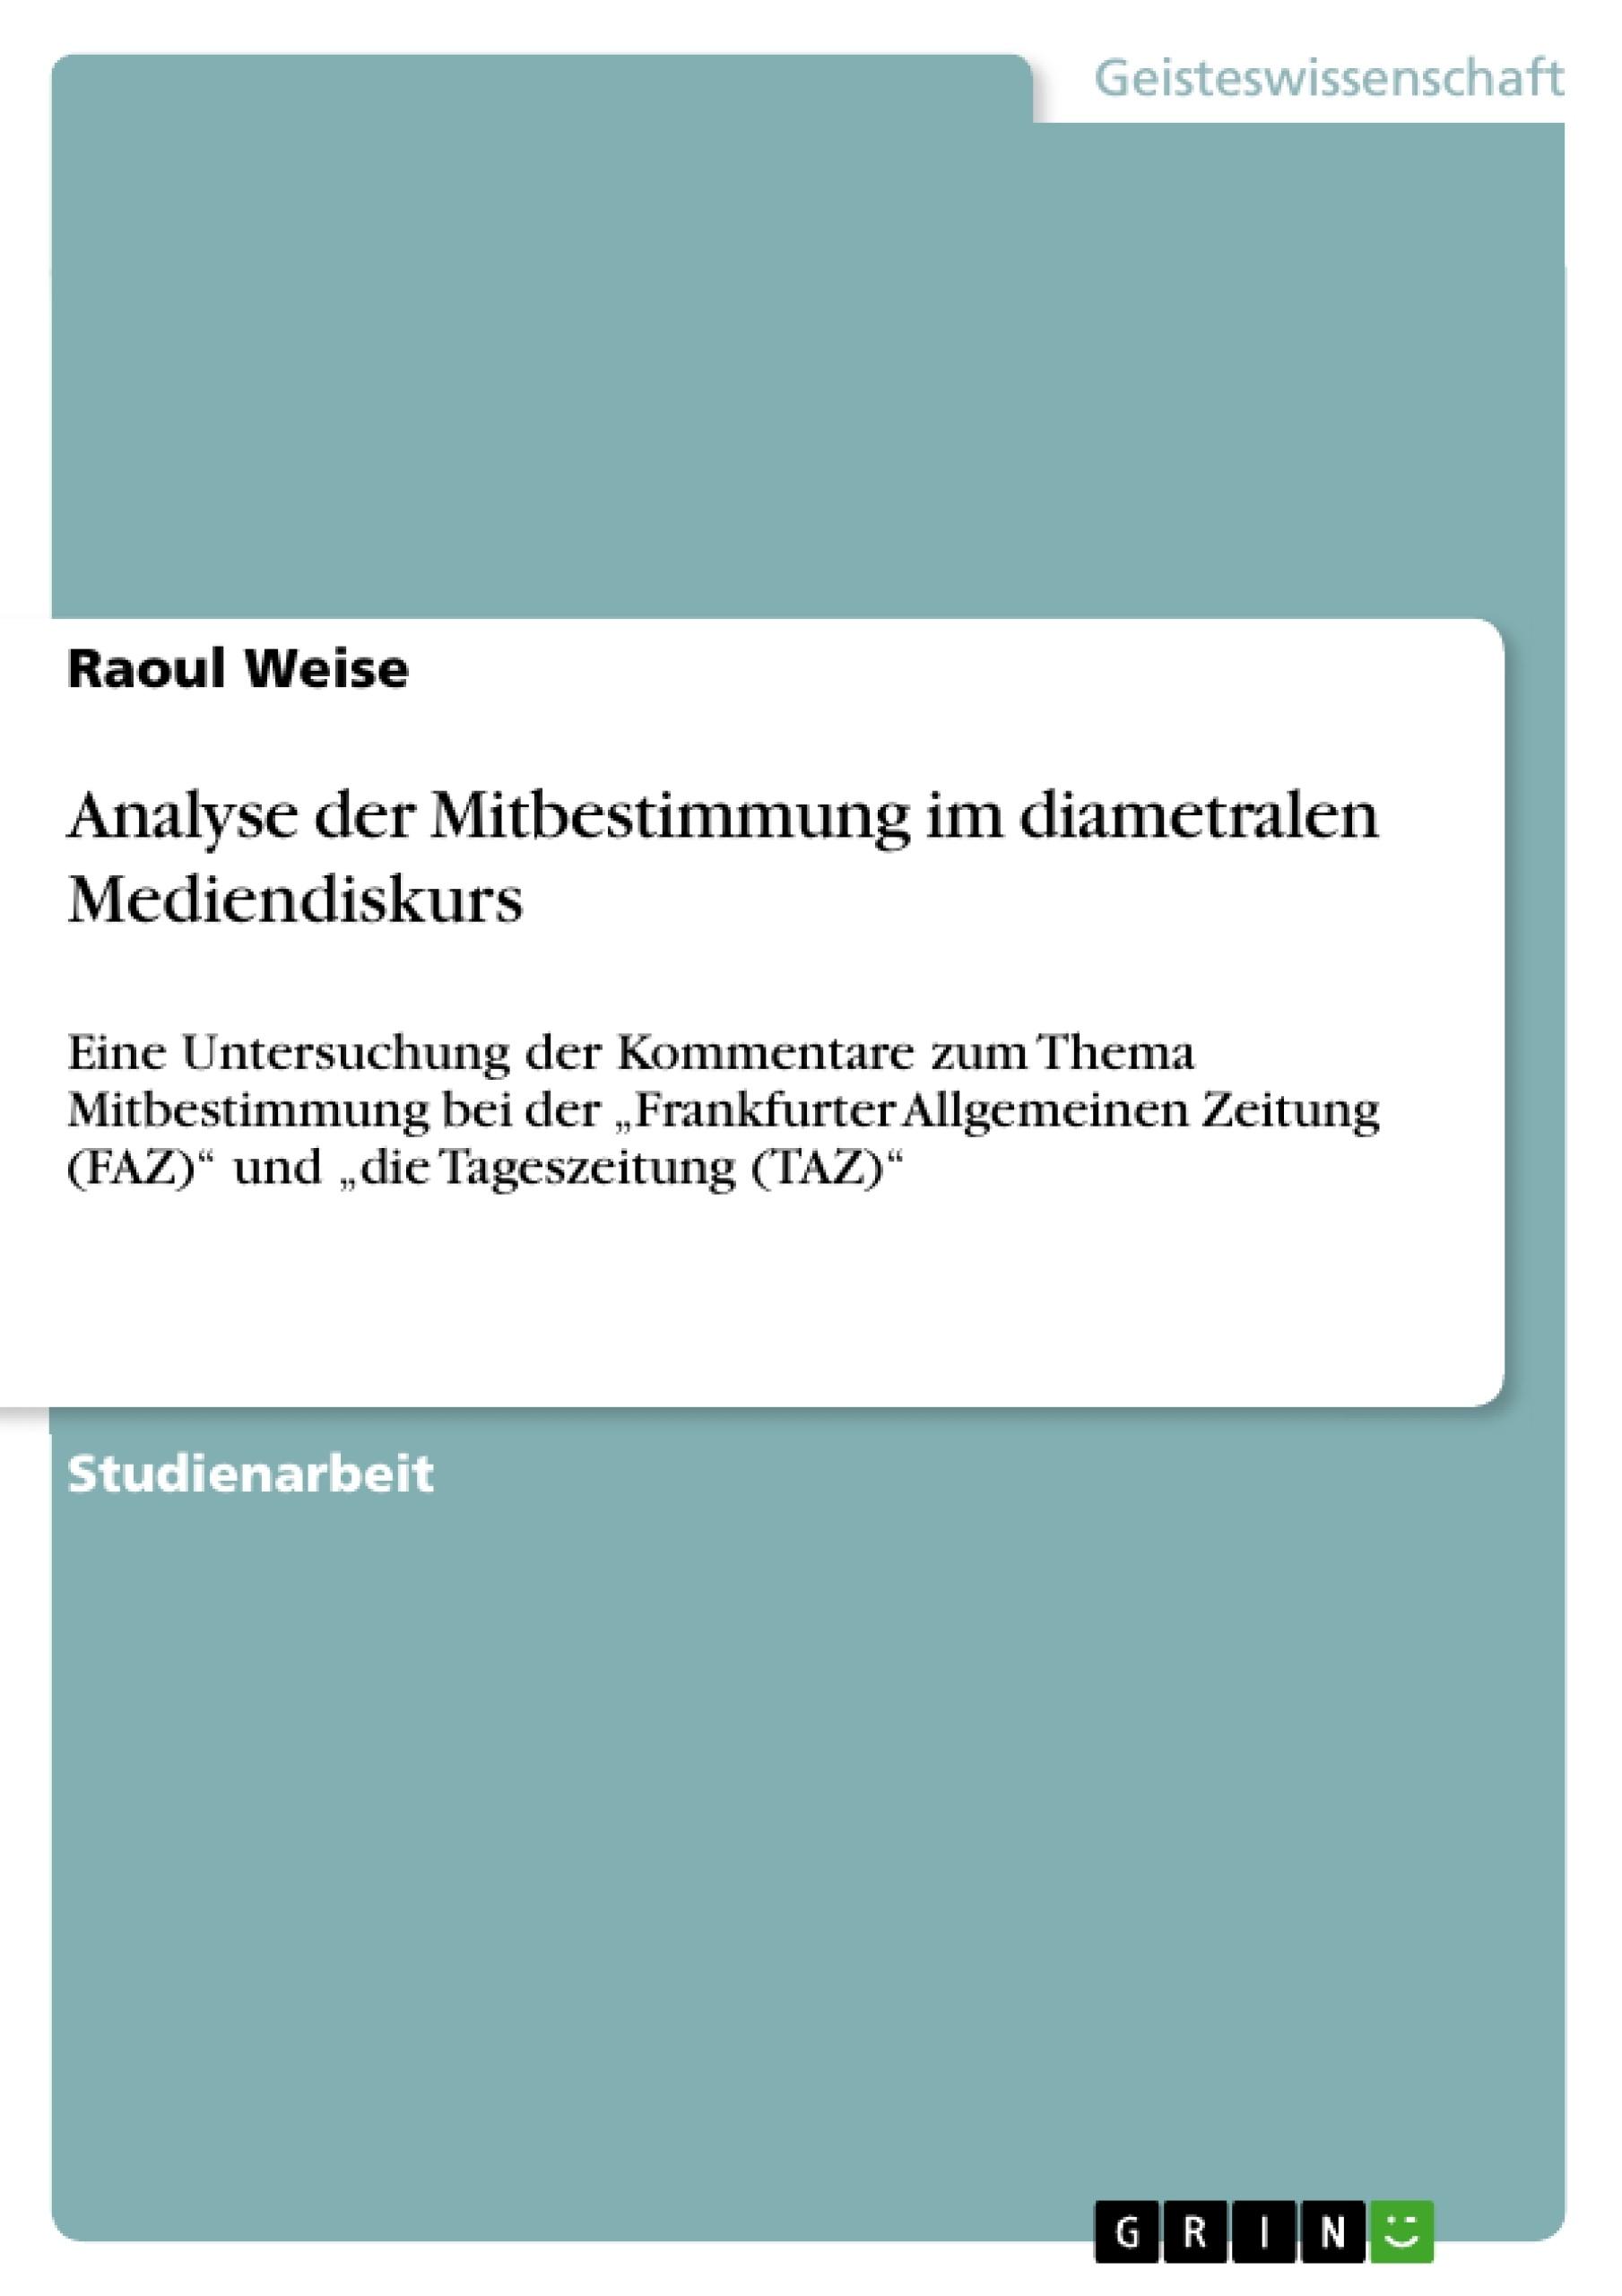 Titel: Analyse der Mitbestimmung im diametralen Mediendiskurs